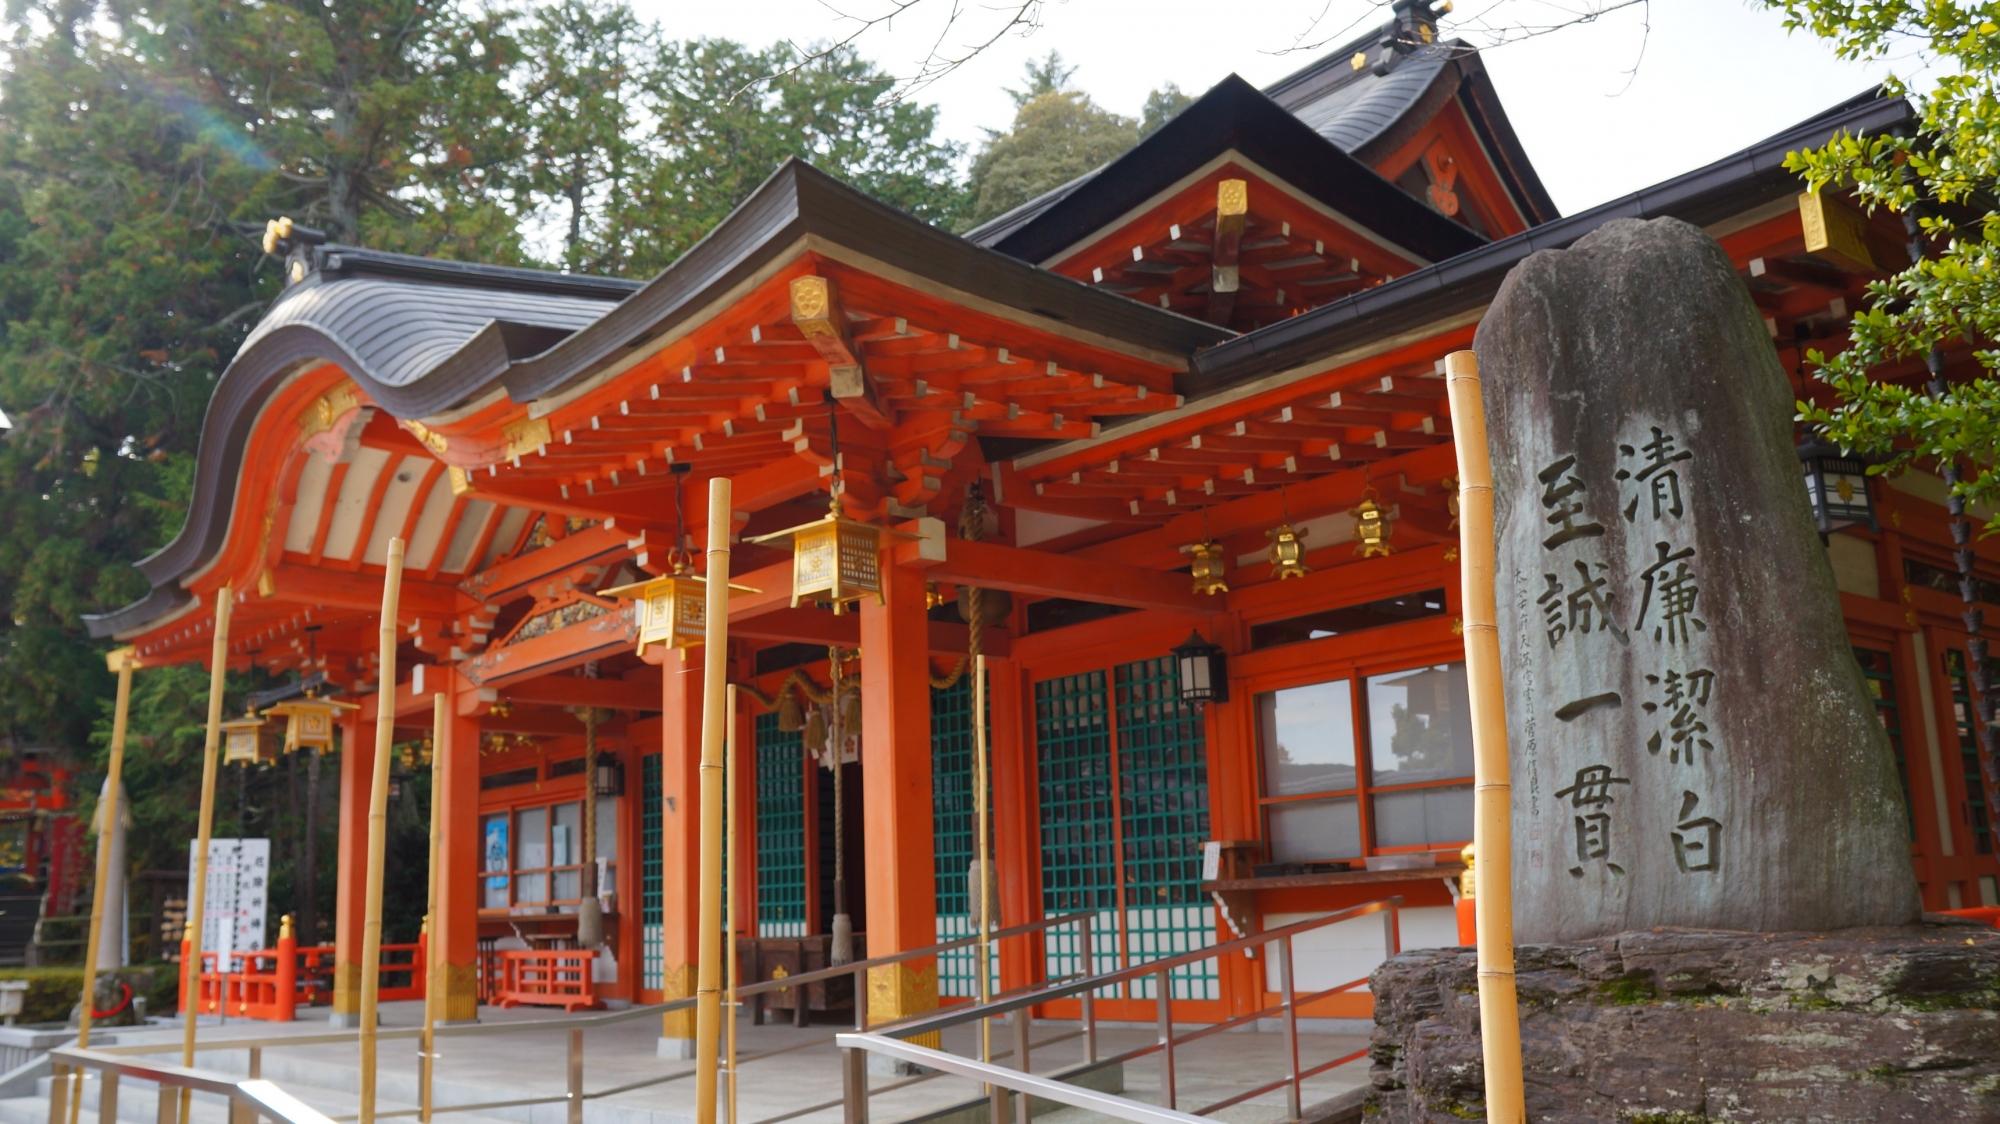 京都長岡天満宮の見事な社殿(拝殿)